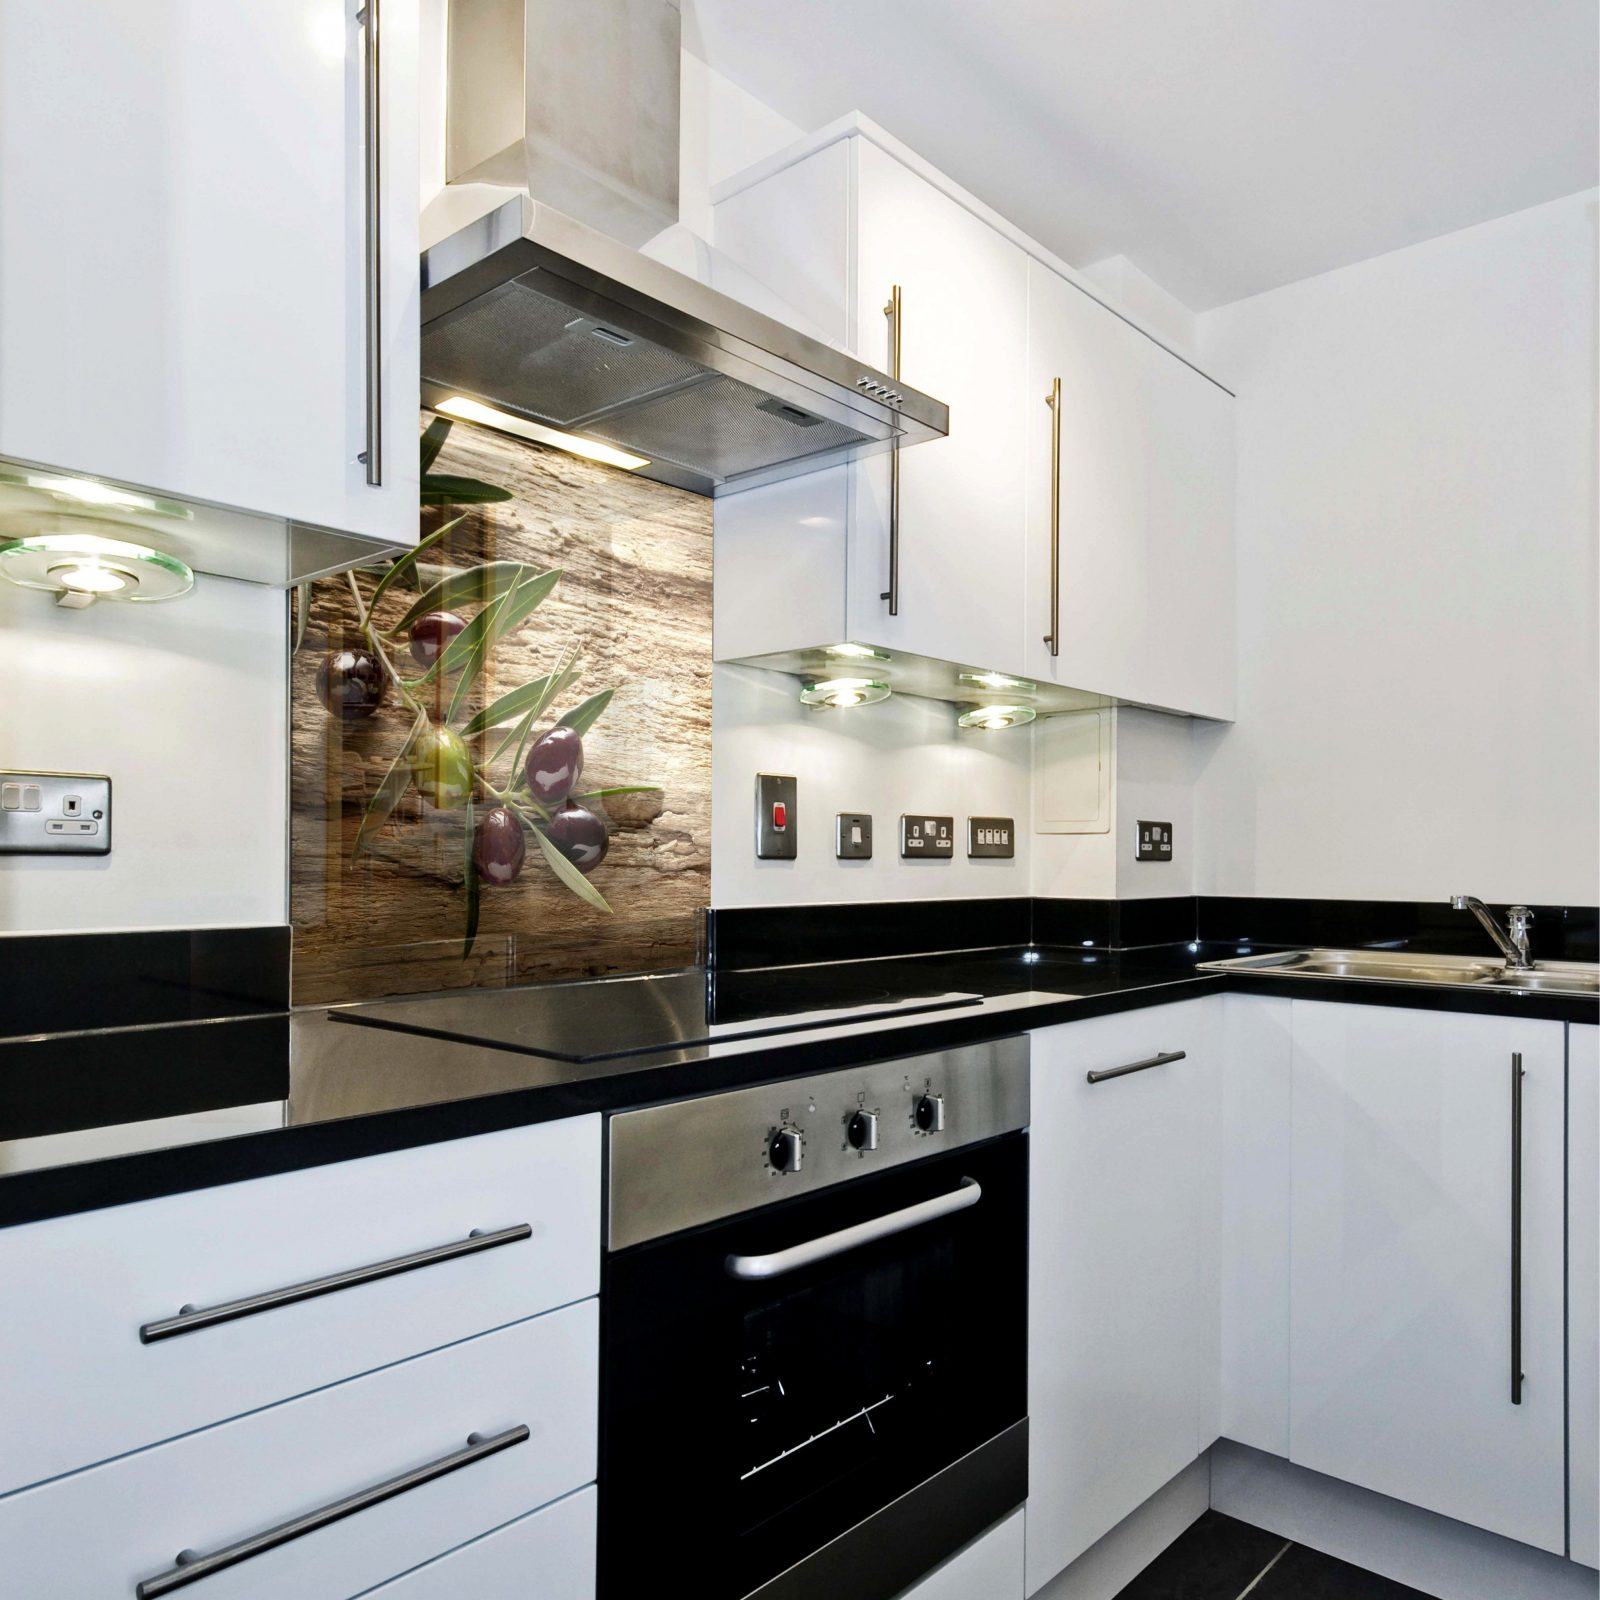 Spritzschutz Küche Selber Machen 31 Best Spritzschutz Glas Küche von Spritzschutz Küche Selber Machen Bild